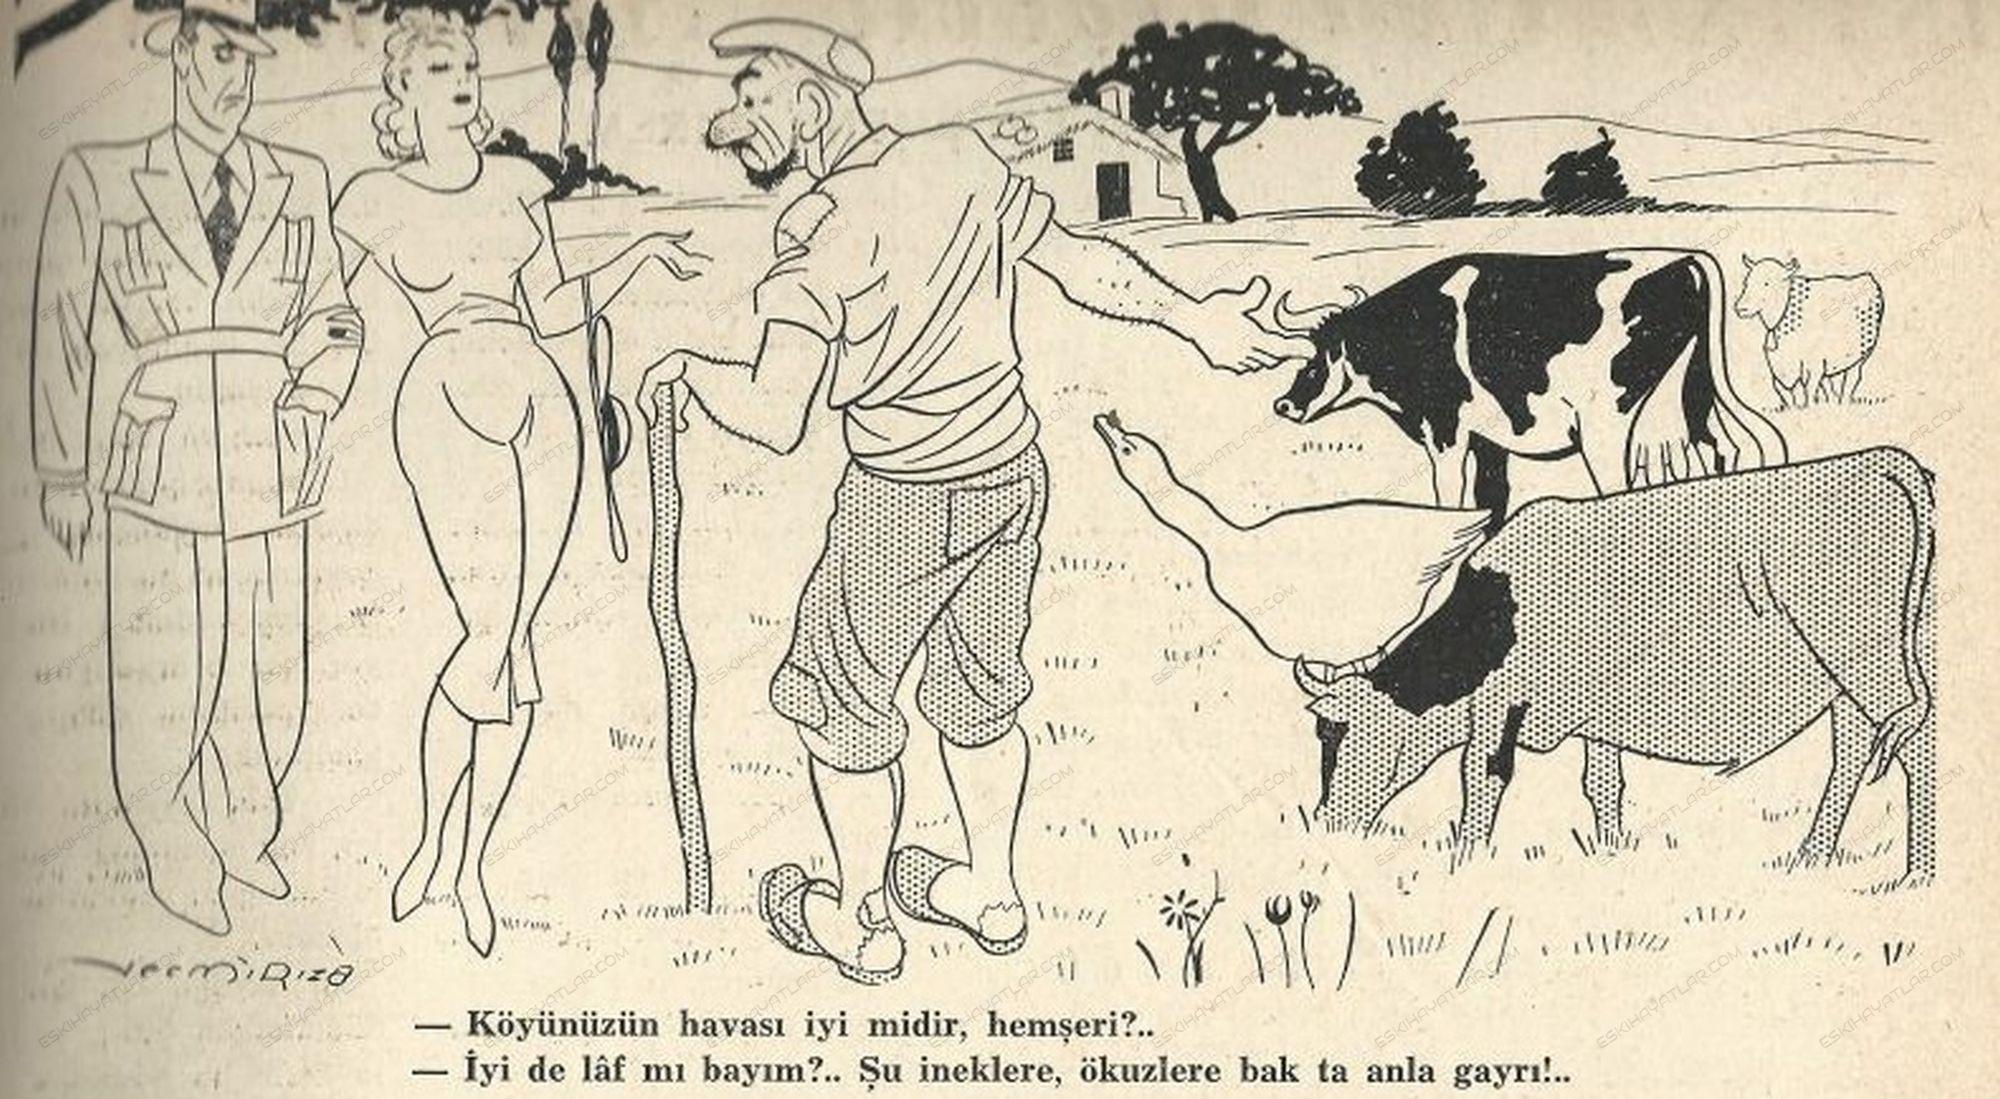 0225-akbaba-dergisi-1938-dersim-olaylari-yusuf-ziya-ortac-akbaba-arsivi (7)